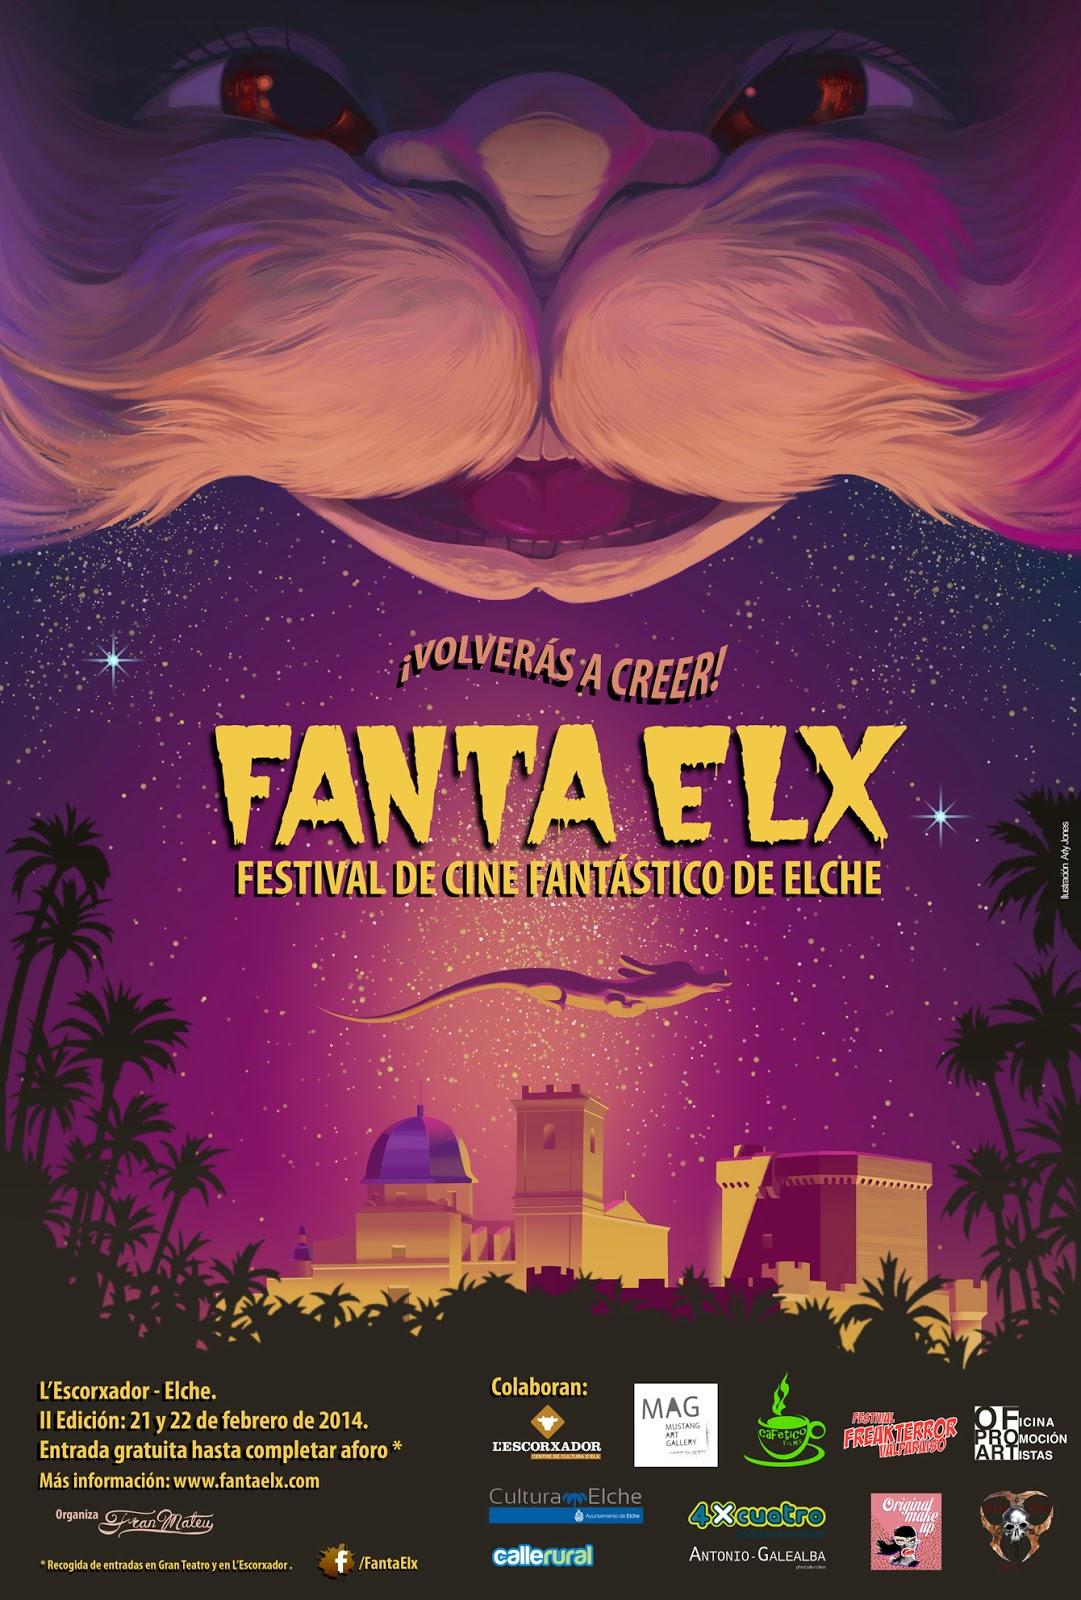 FANTA ELX Festival de Cine Fantástico de Elche